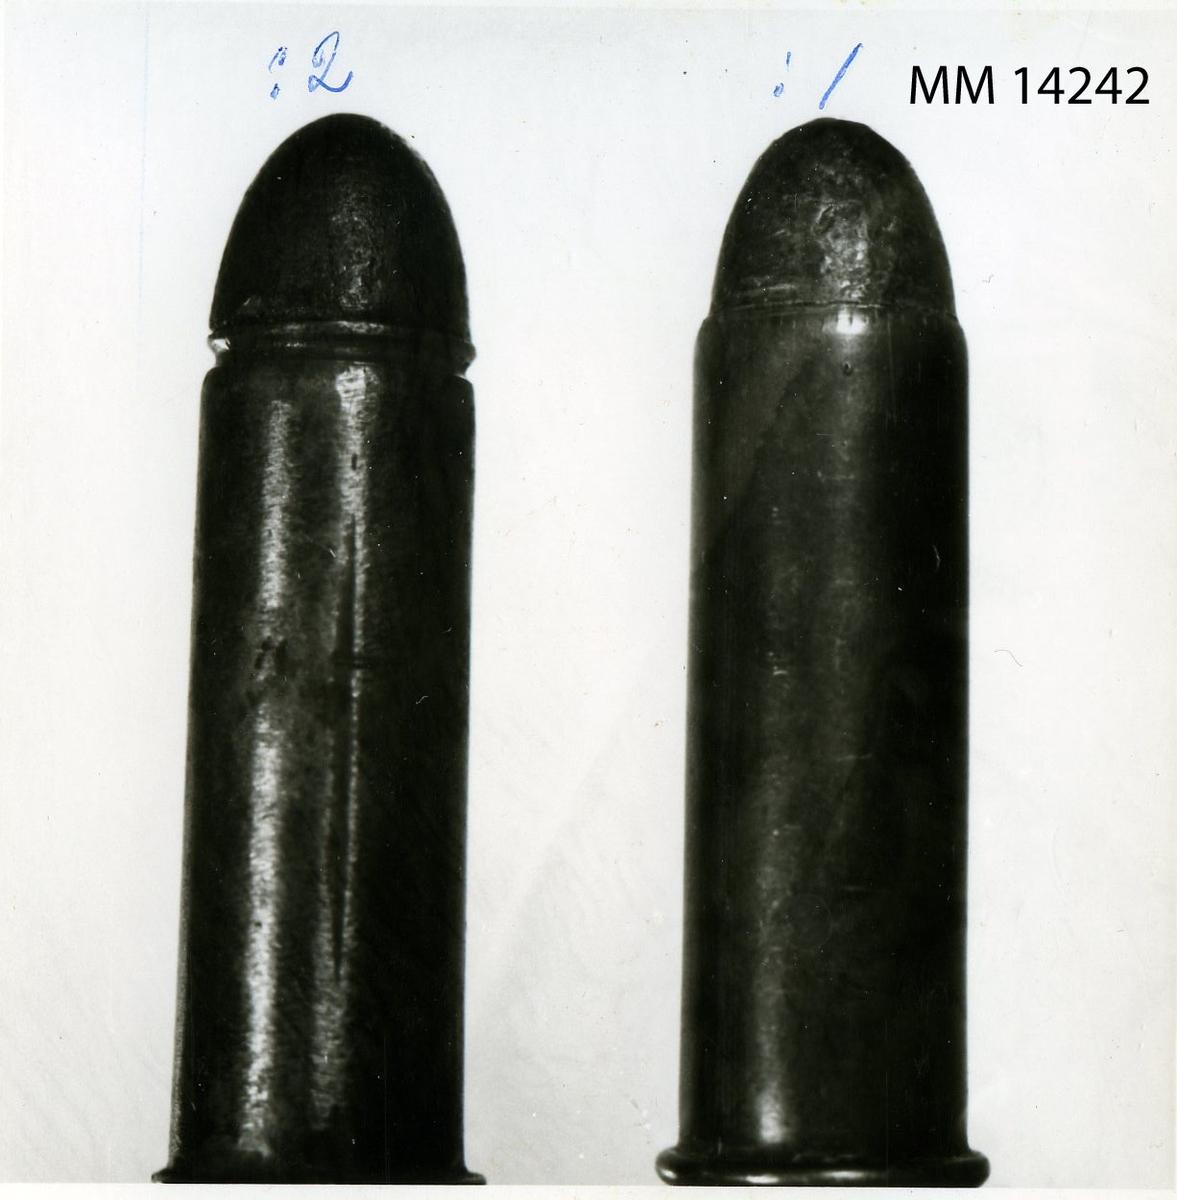 Patron till gevär m/1867 (Remingtons systems) av mässing och bly  Kantatantändning. :2 = :1 med undantag av kulan som här är av trä